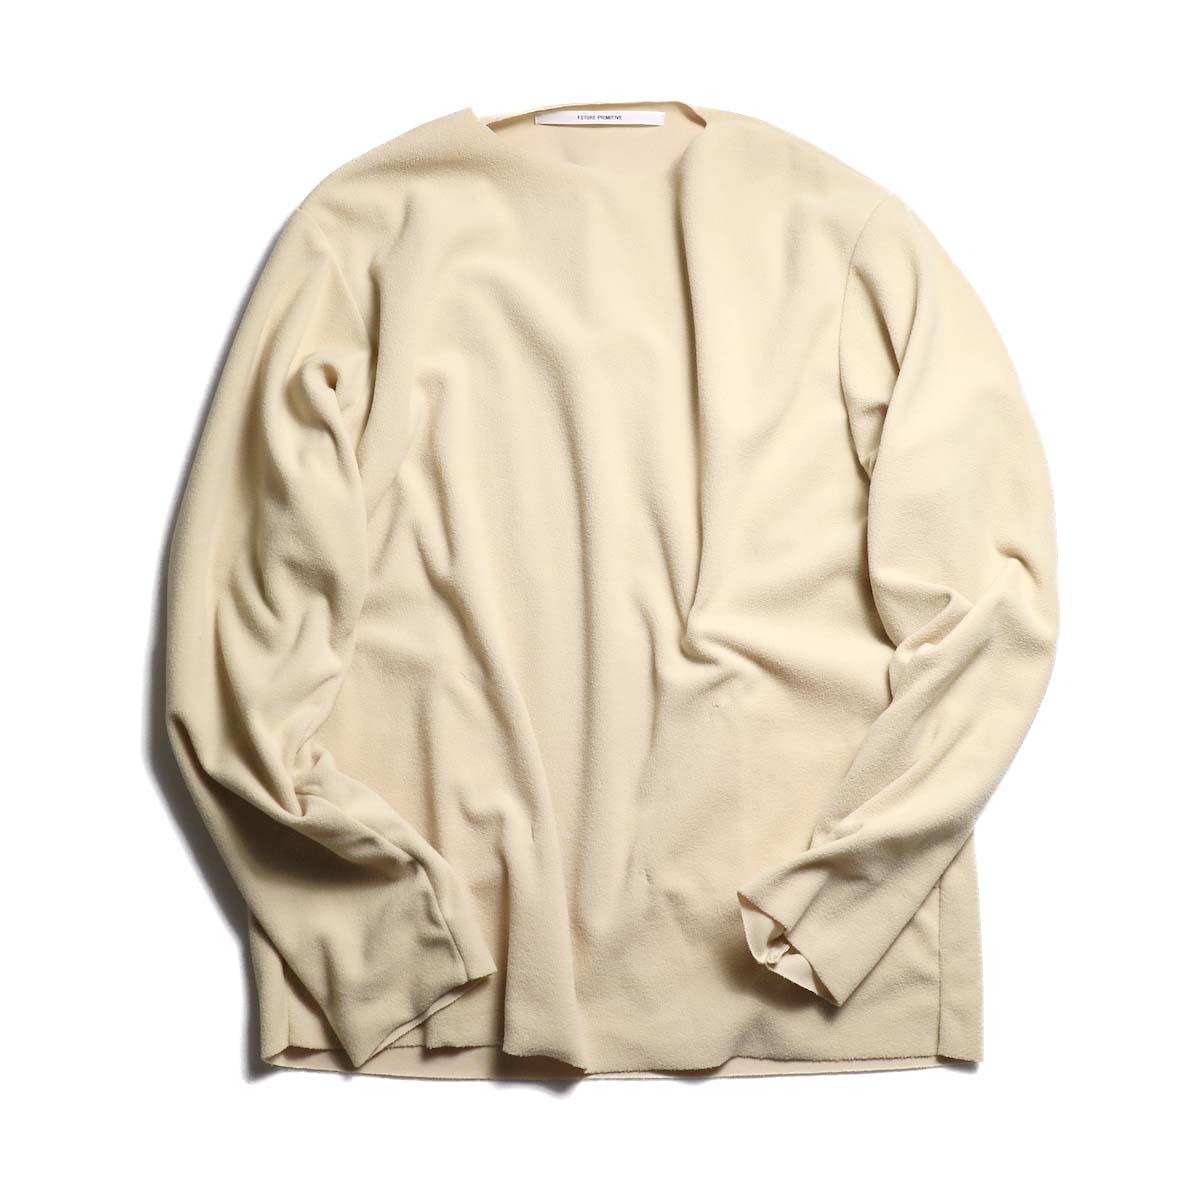 """FUTURE PRIMITIVE / Pullover Fleece """"Light"""" -LT.BEIGE"""